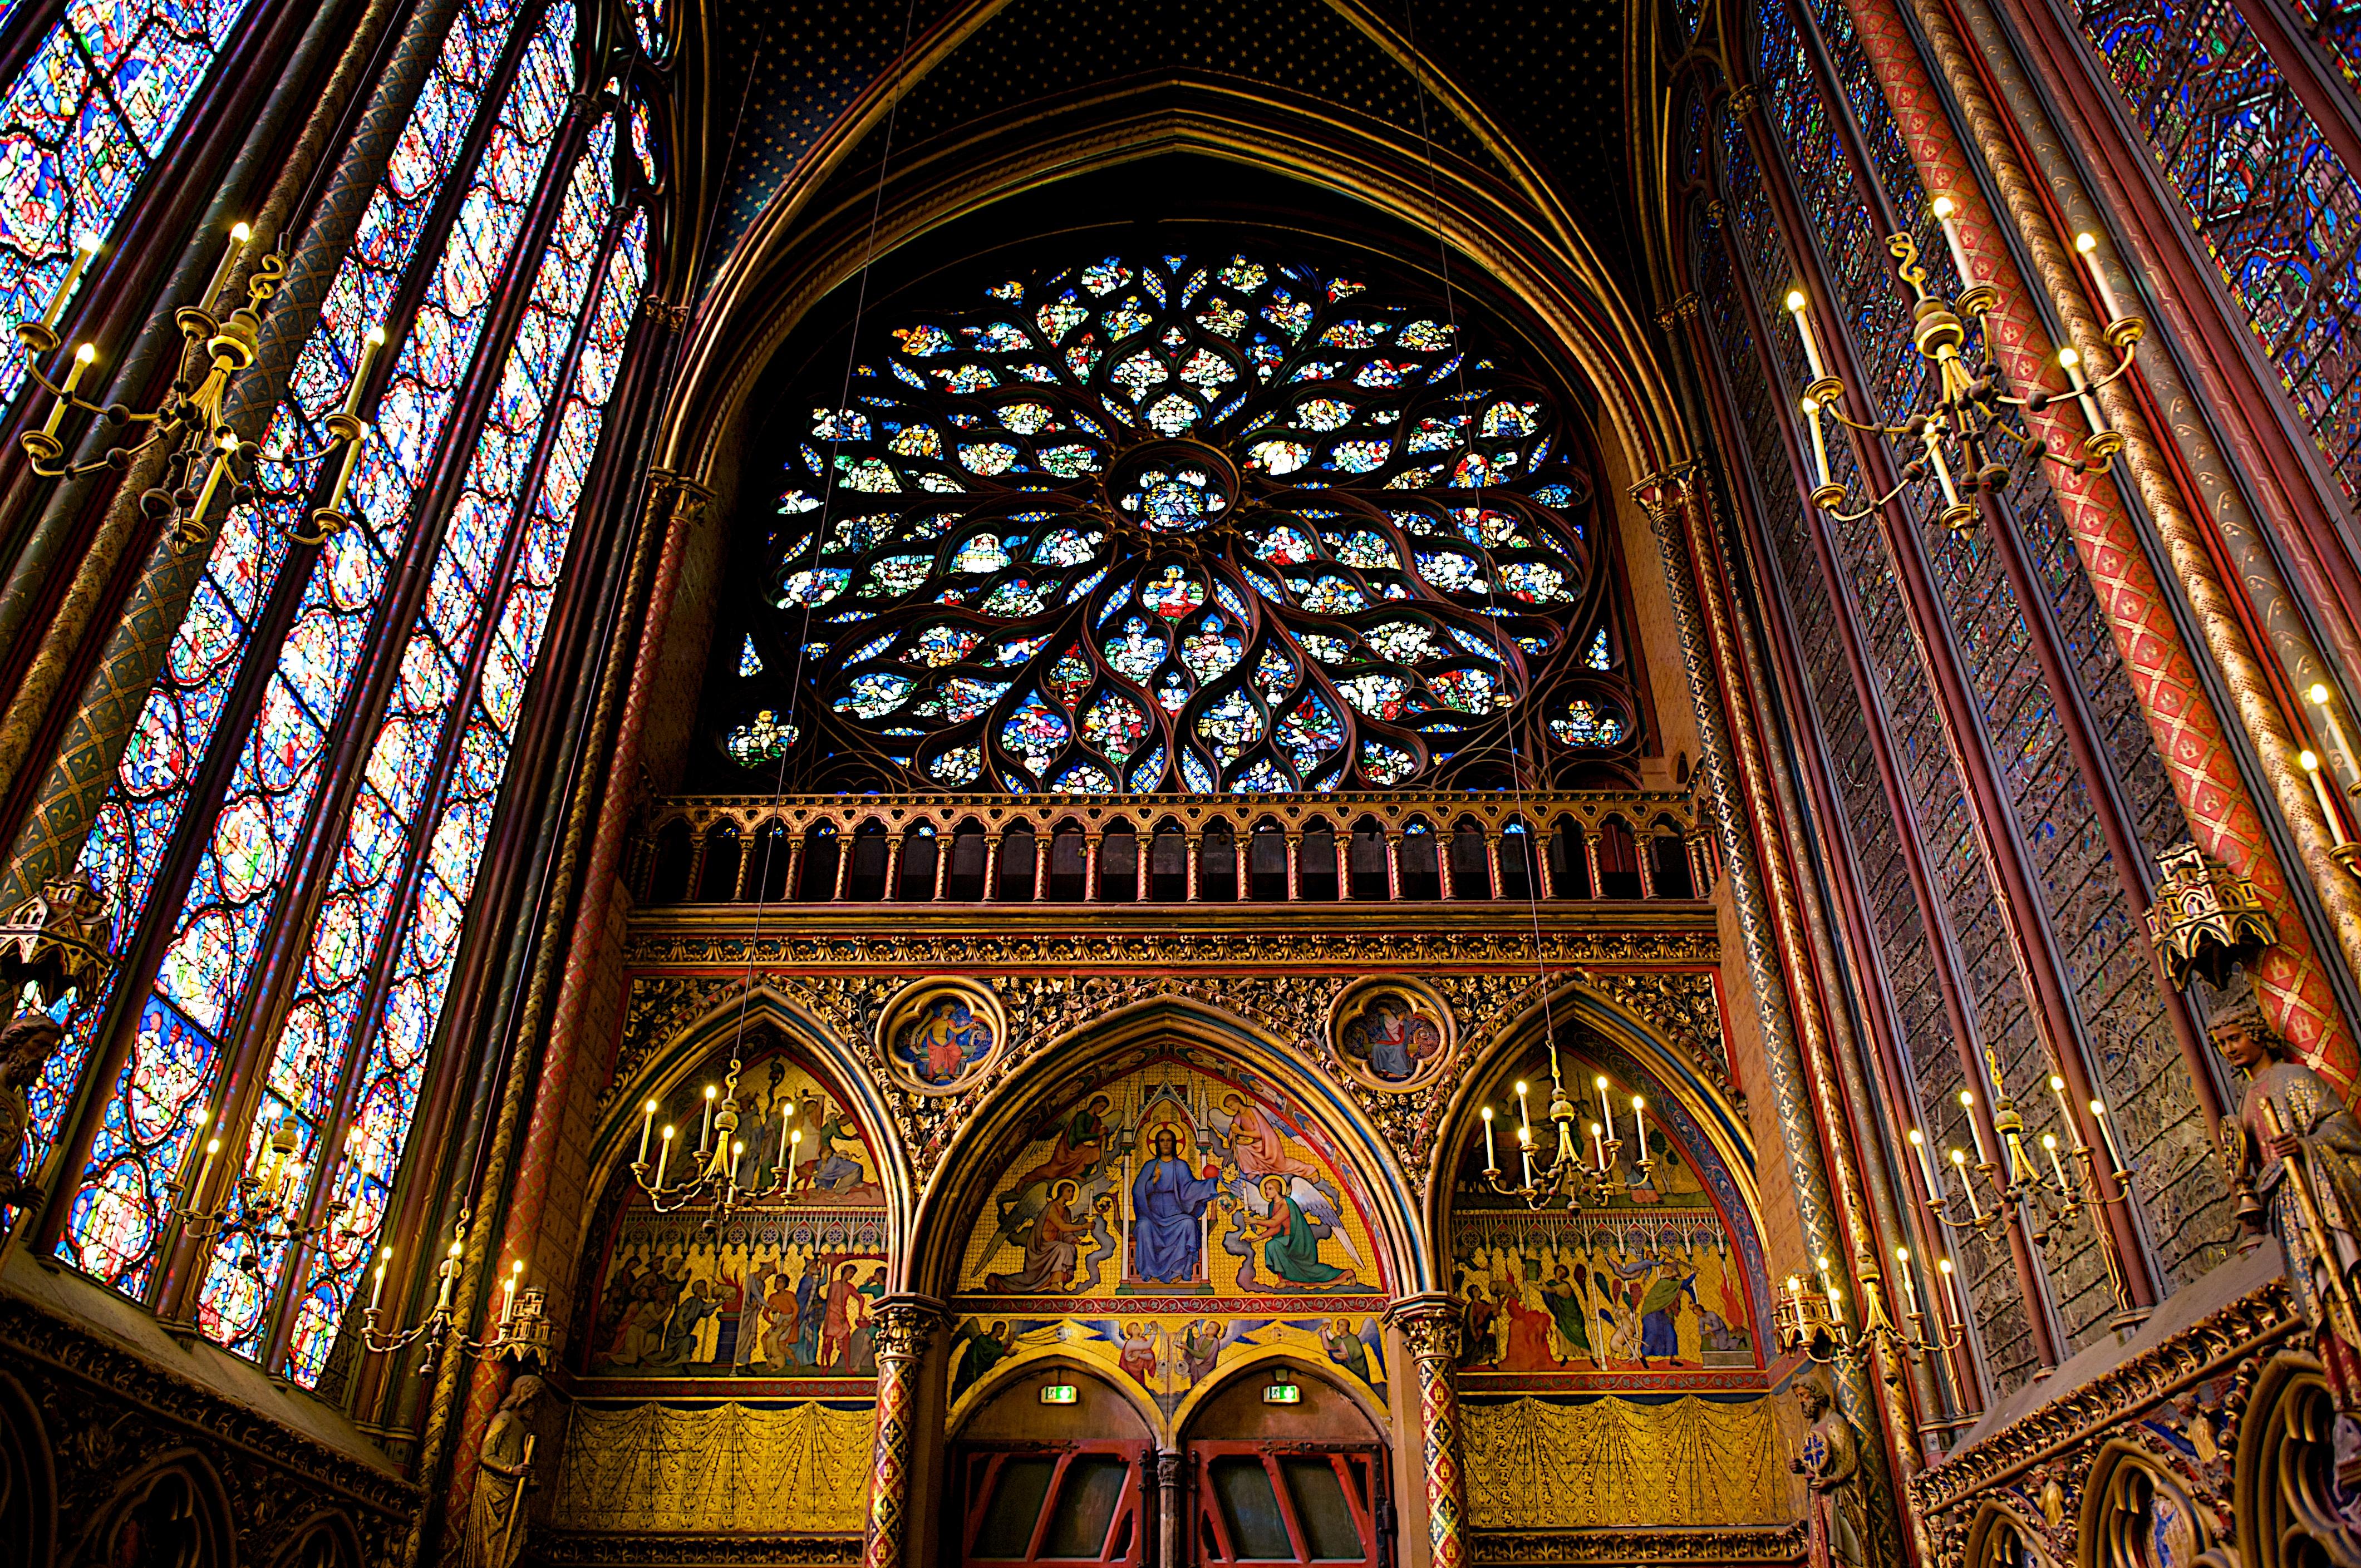 FileInterior Of Sainte Chapelle Paris October 31 2009